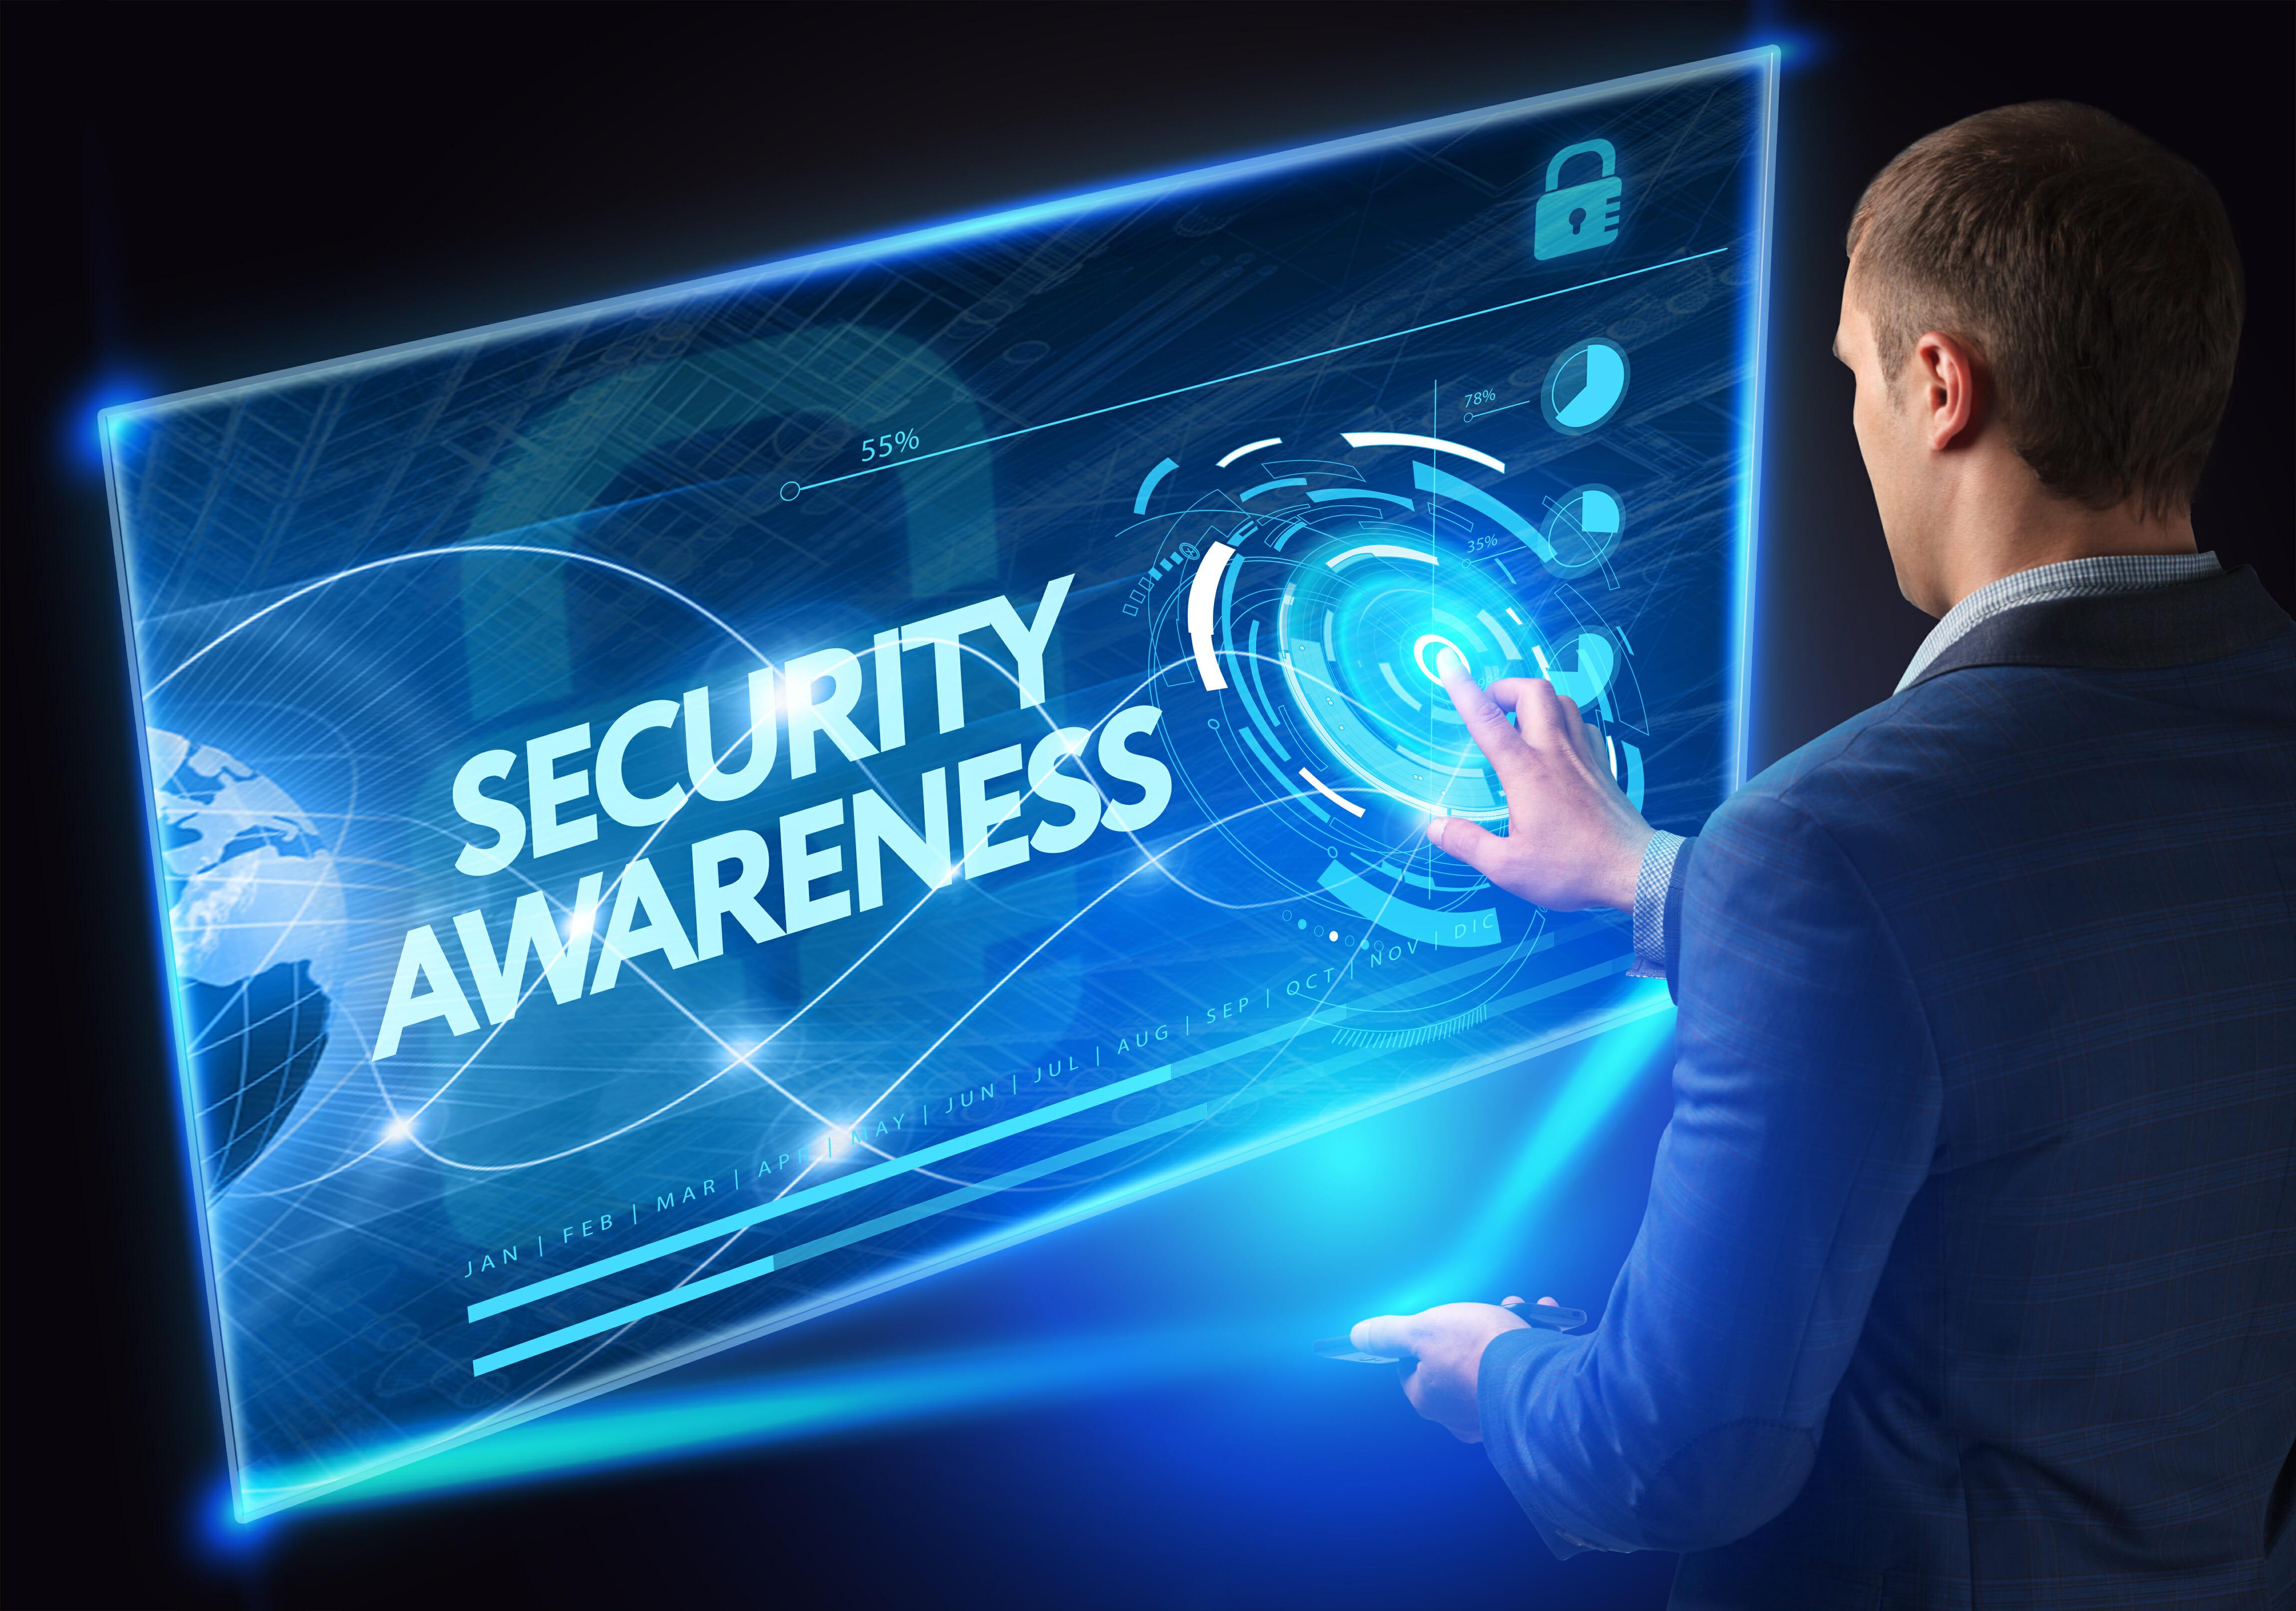 security awareness 00 Tech Blog